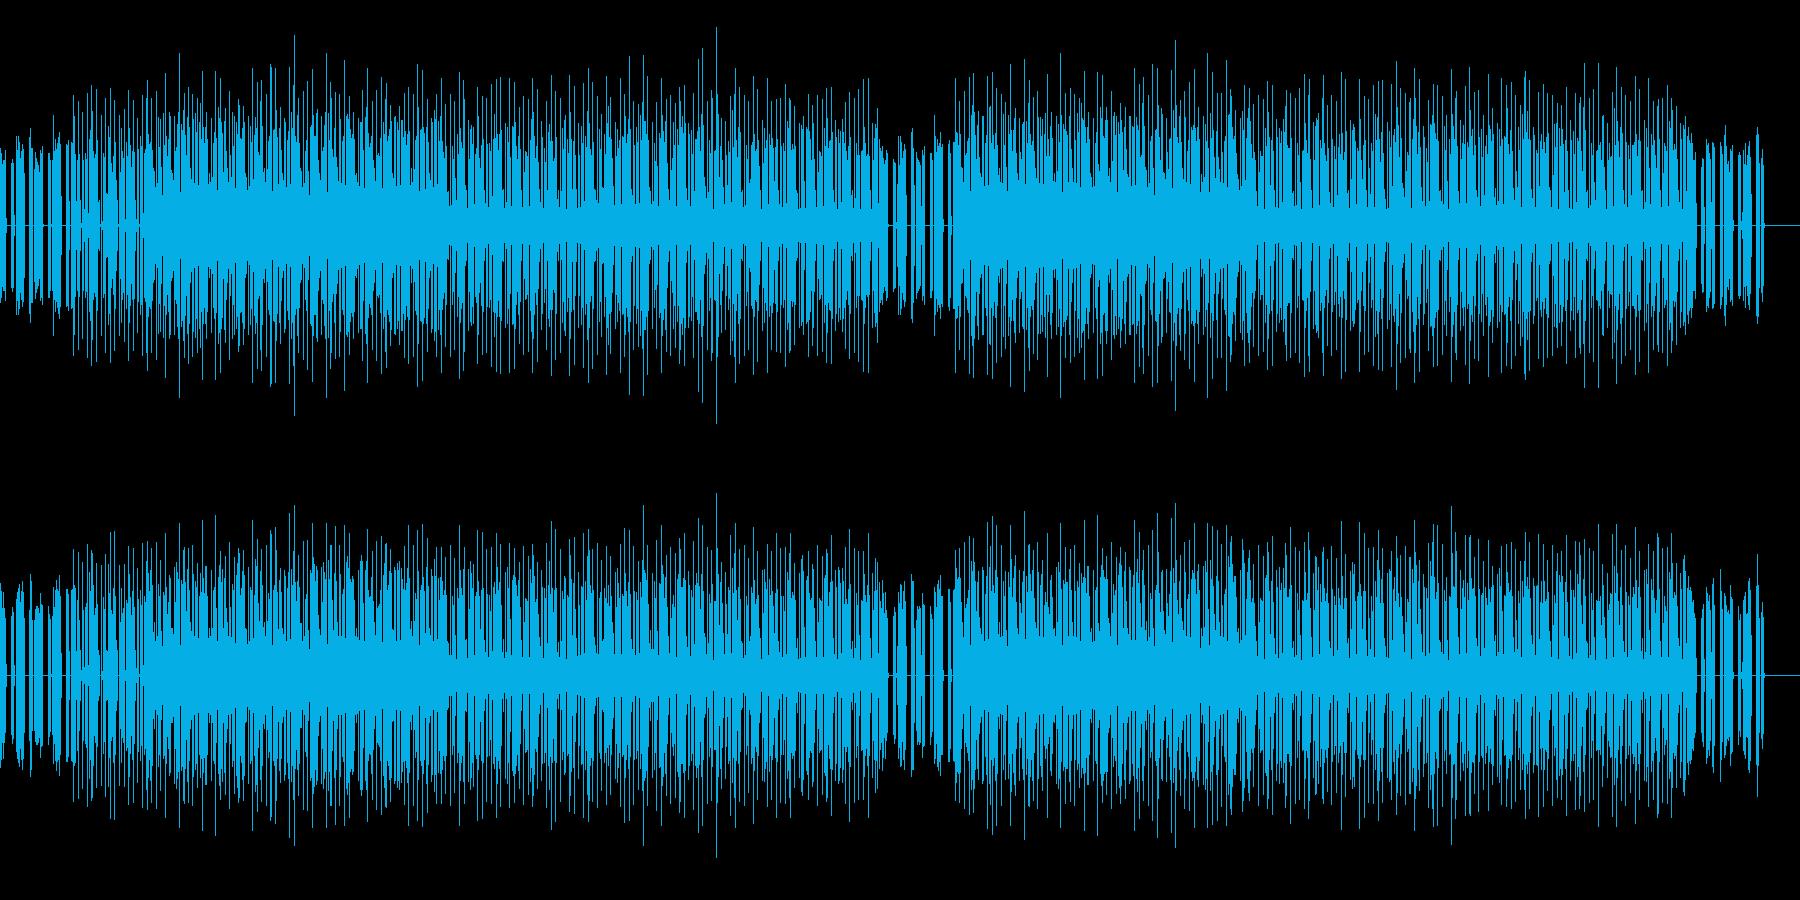 ニュースの報道で流れそうな曲の再生済みの波形